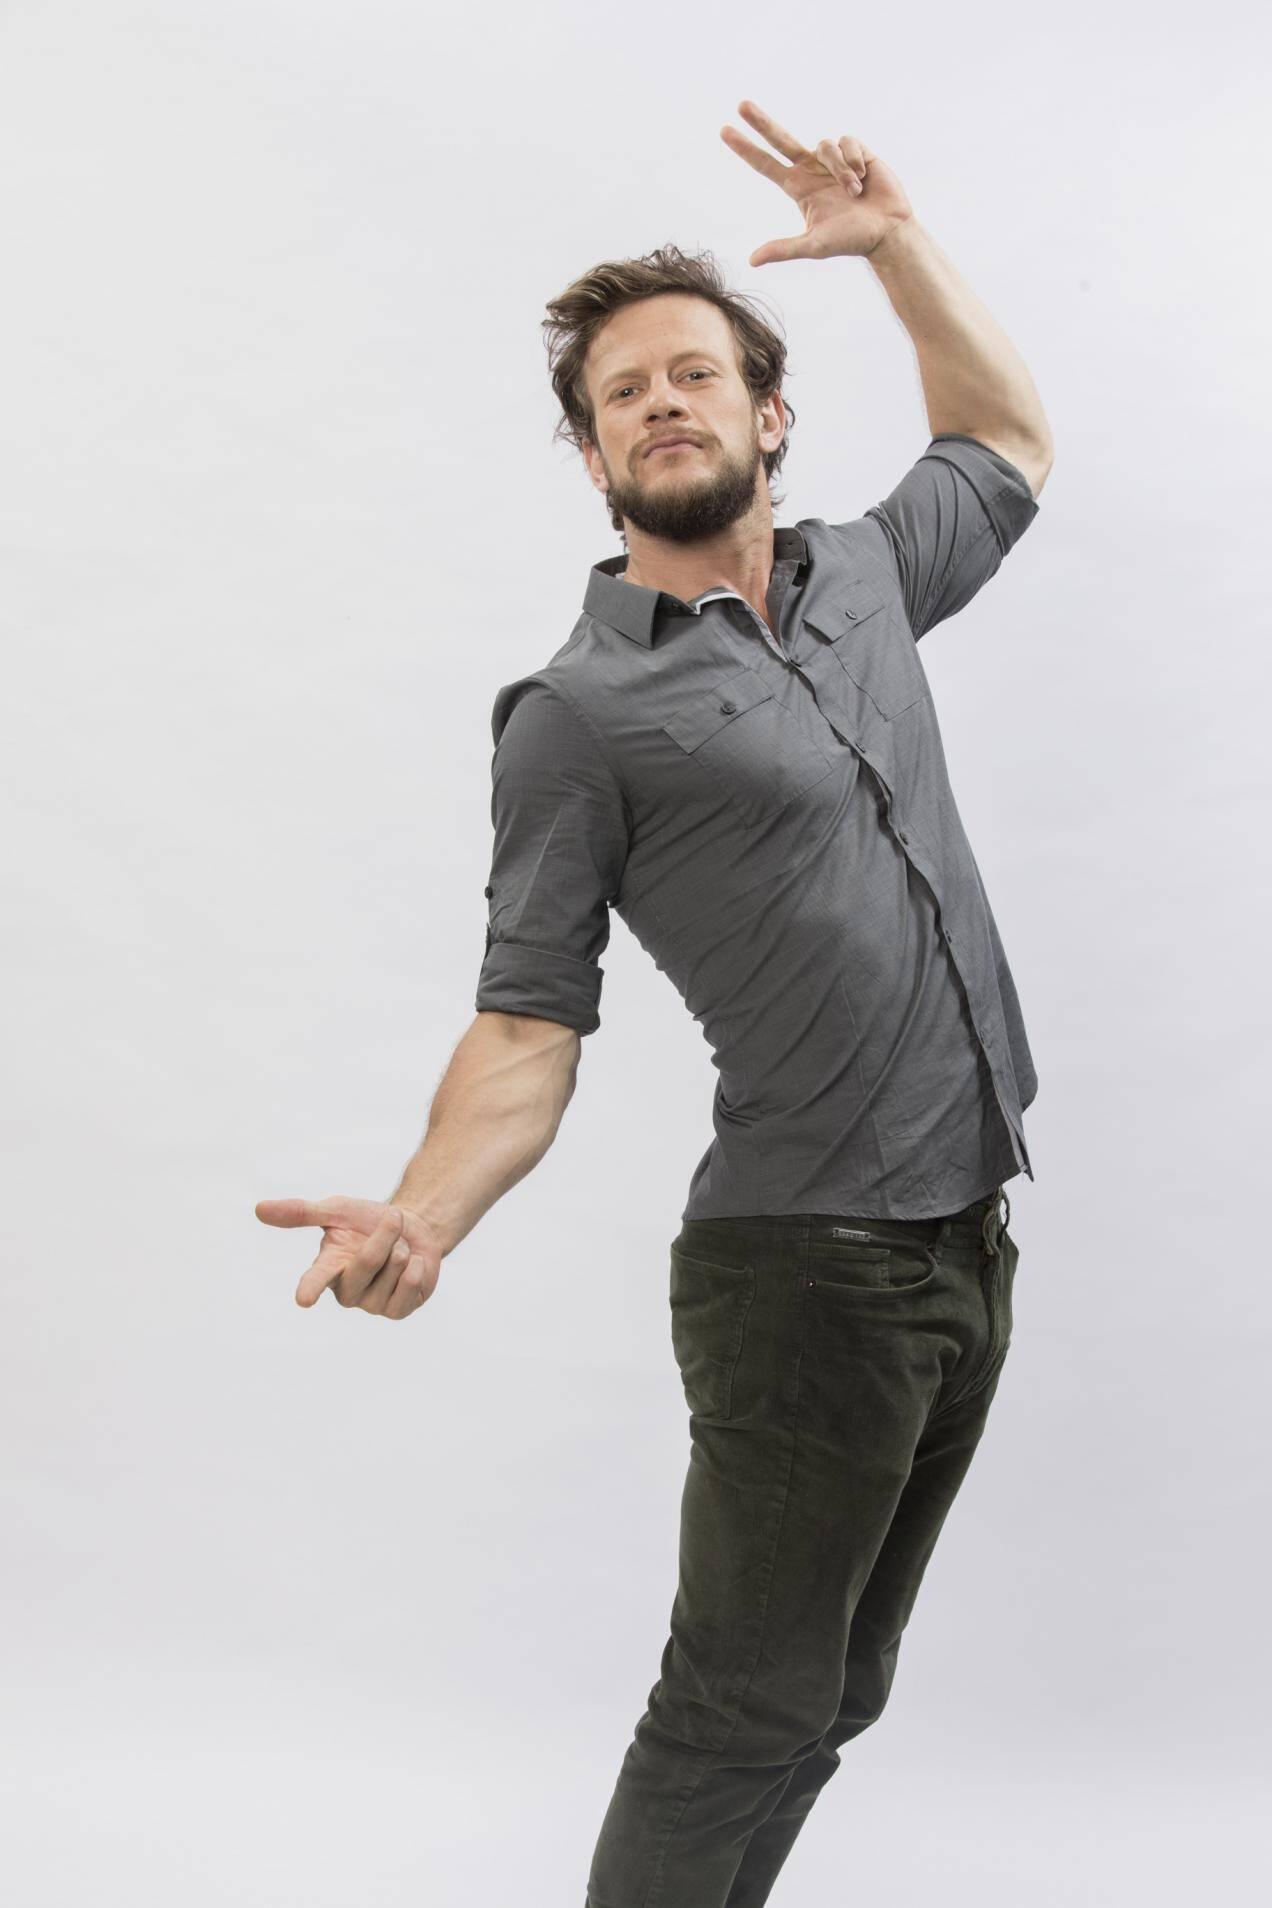 Eduardo Pelizzari, ator, 32 anos. Foto: Divulgação